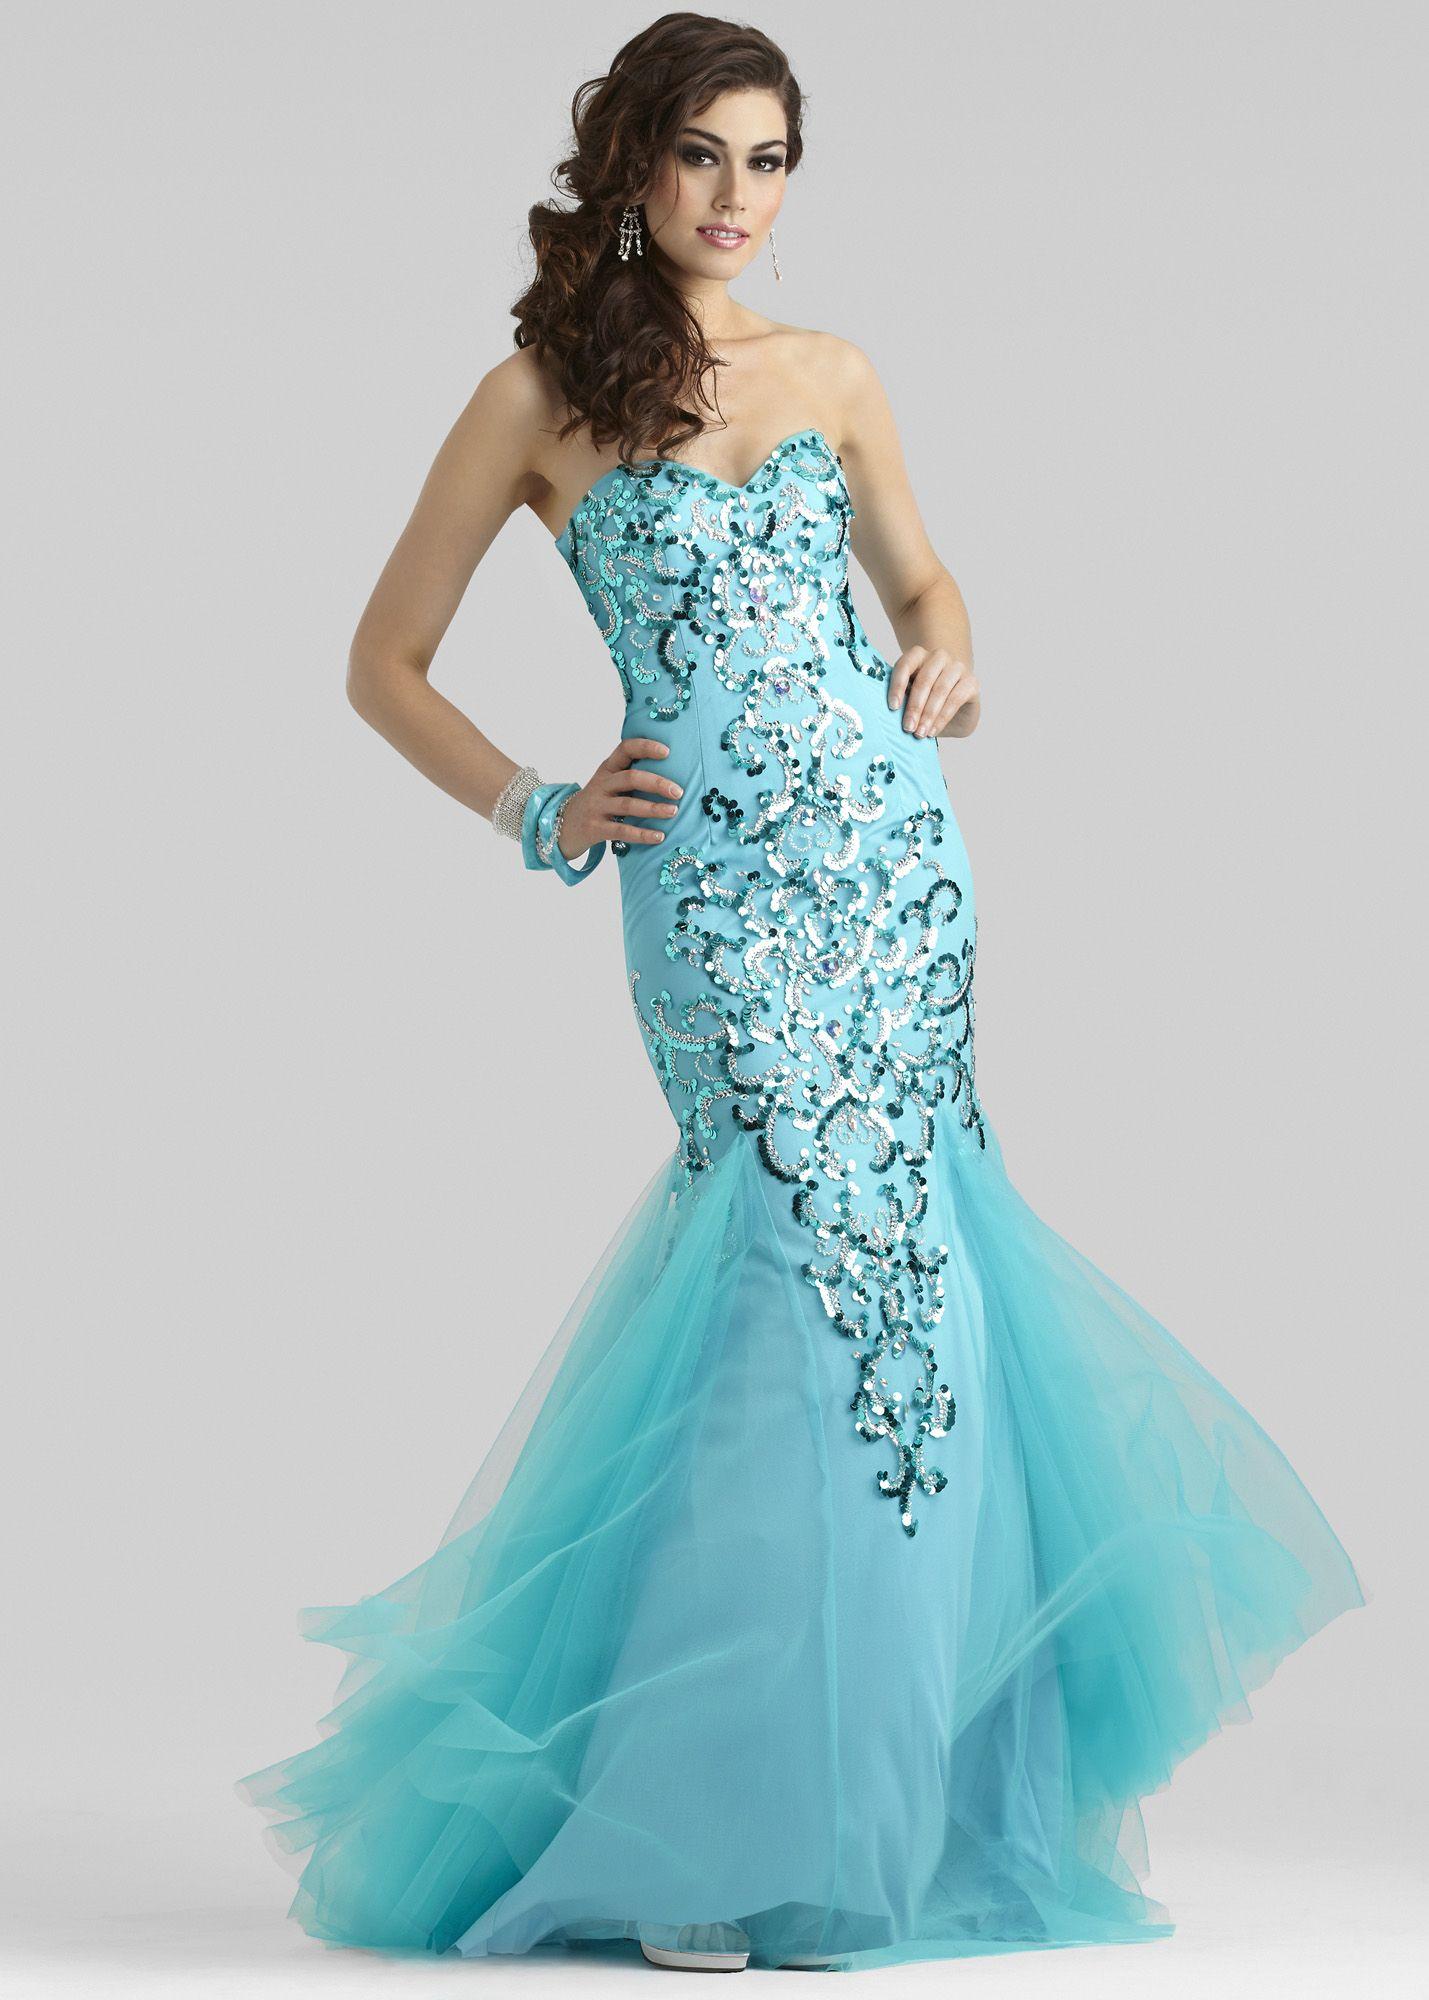 thepromdresses Clarisse 4313 - Caribbean Blue Sequin Mermaid Prom ...